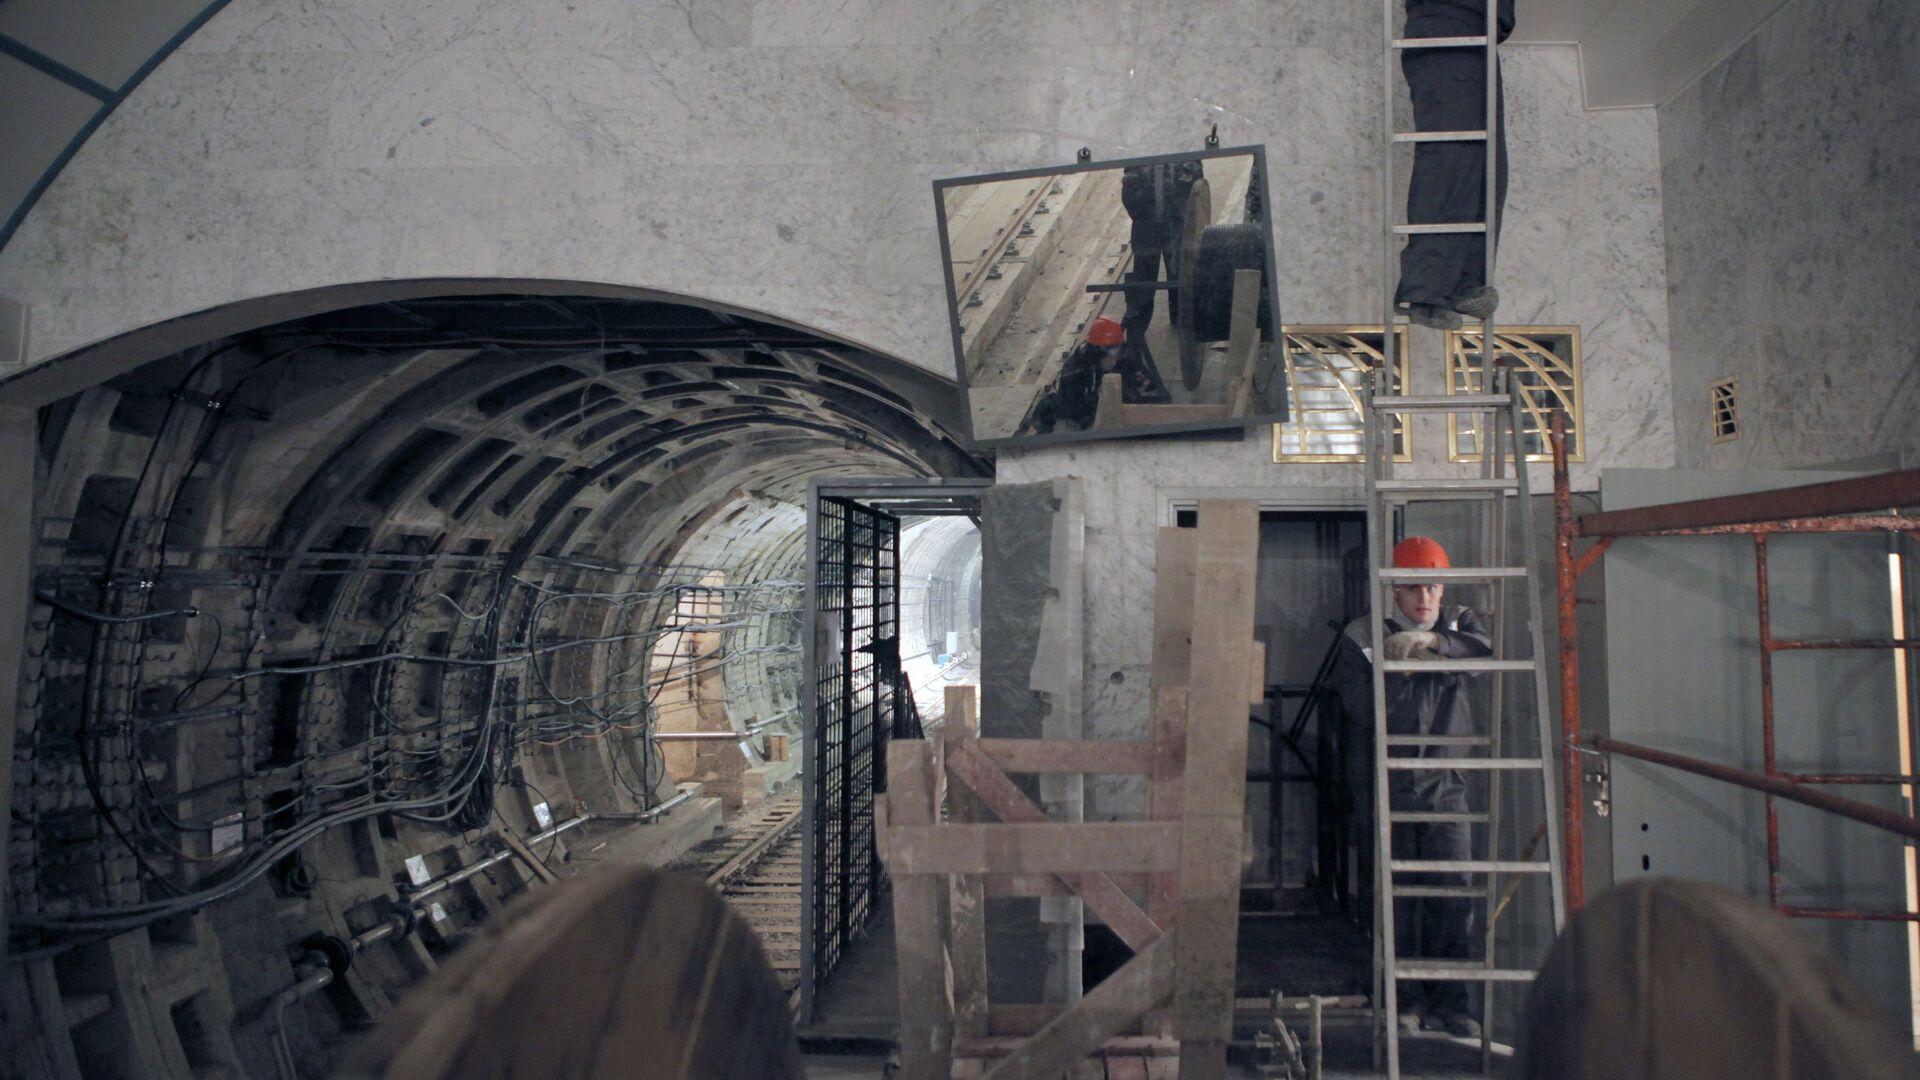 Заключительные работы по строительству станции метро Международная в Санкт-Петербурге - РИА Новости, 1920, 05.08.2021